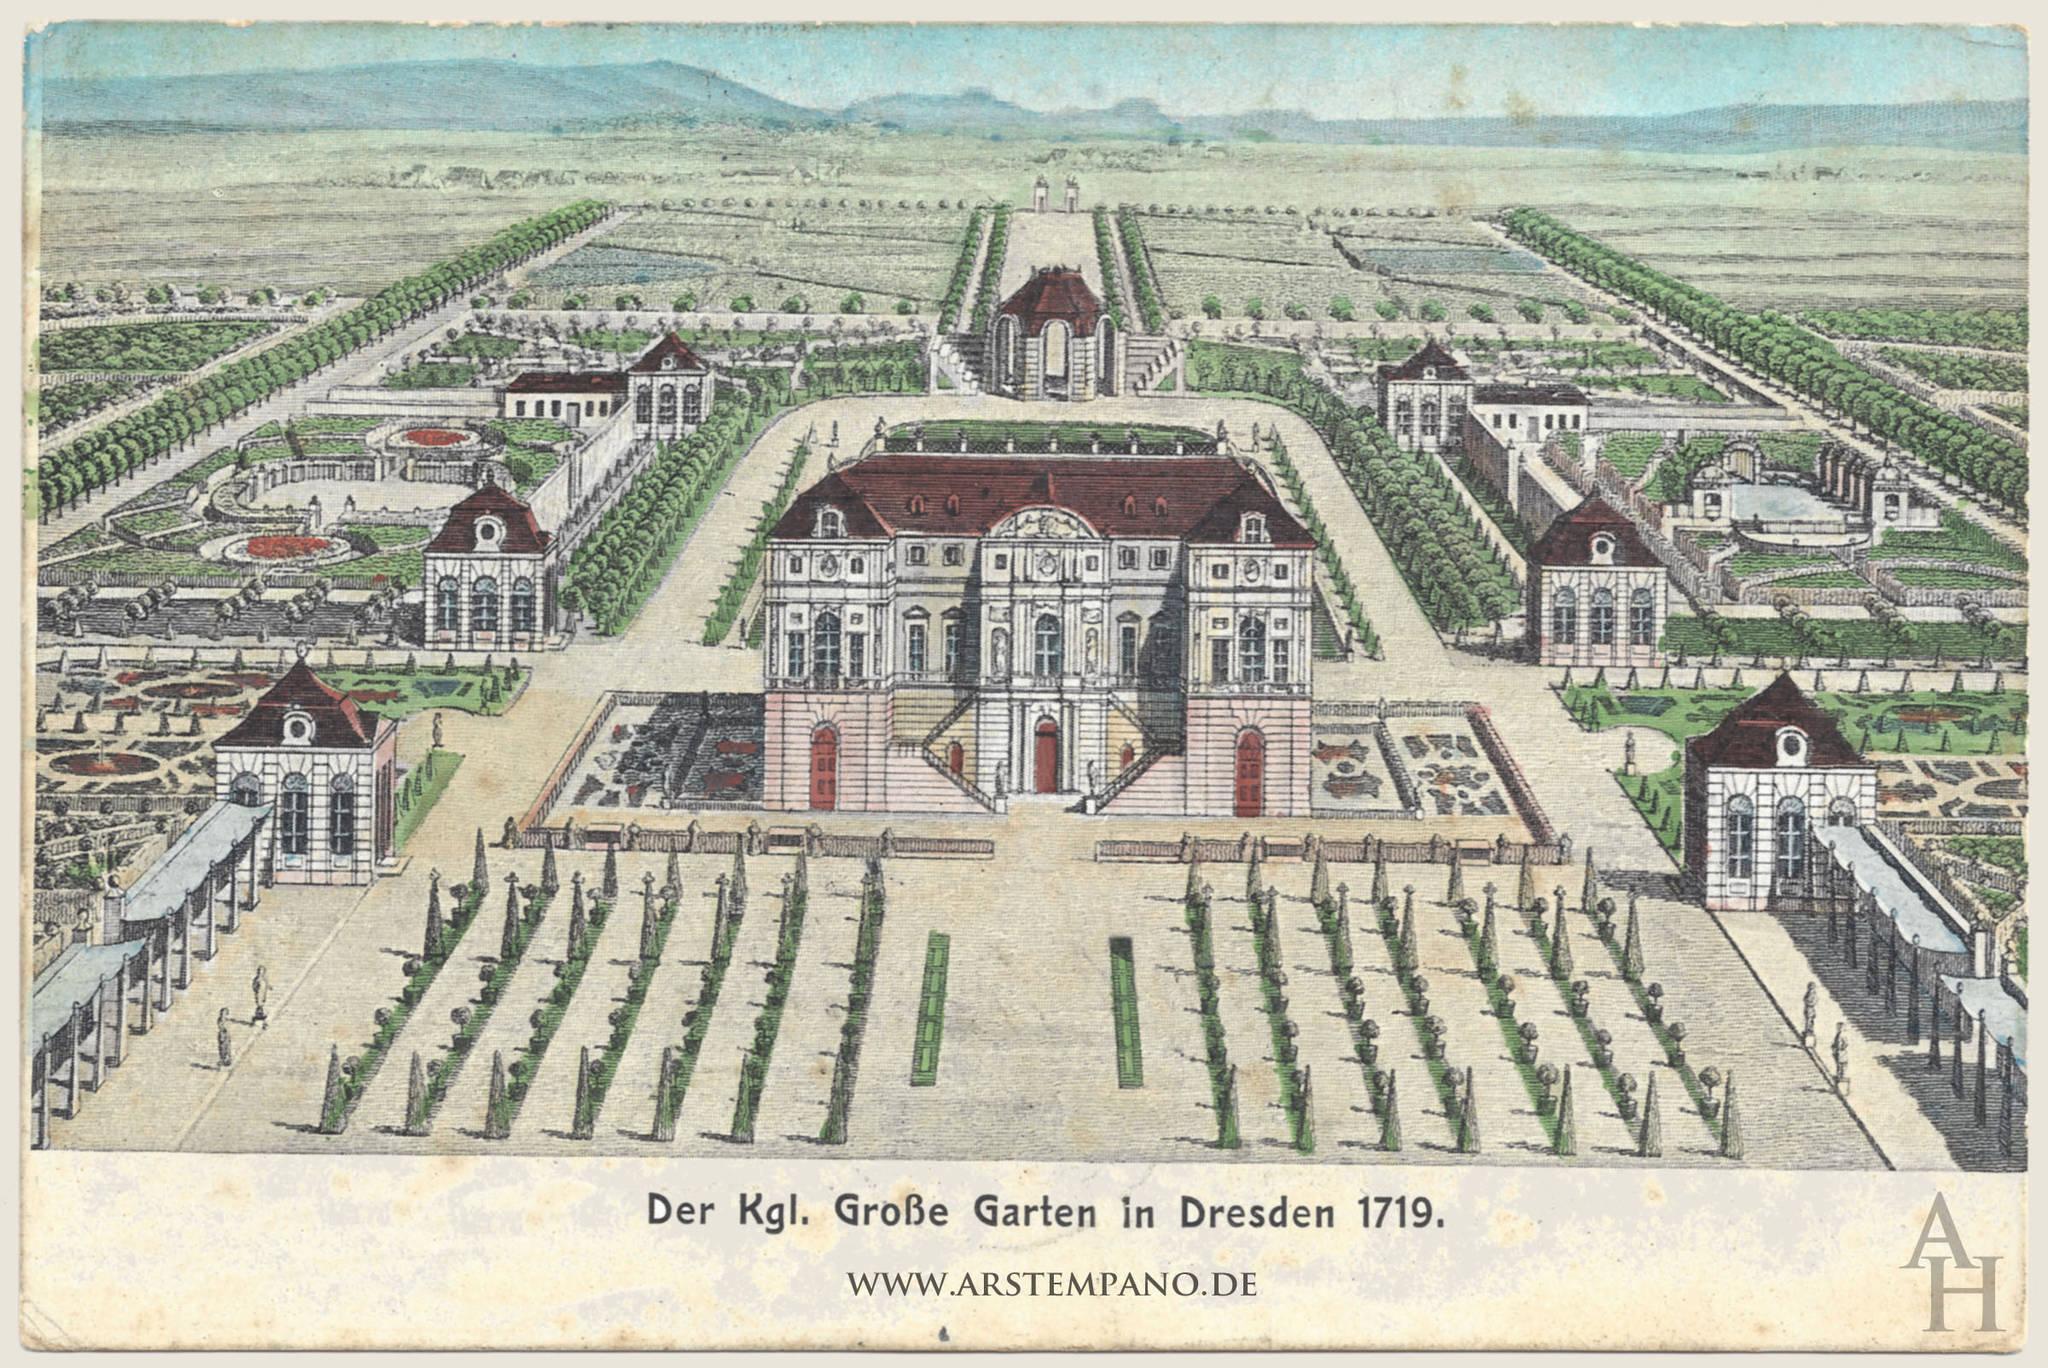 Großer Garten Dresden Arstempano